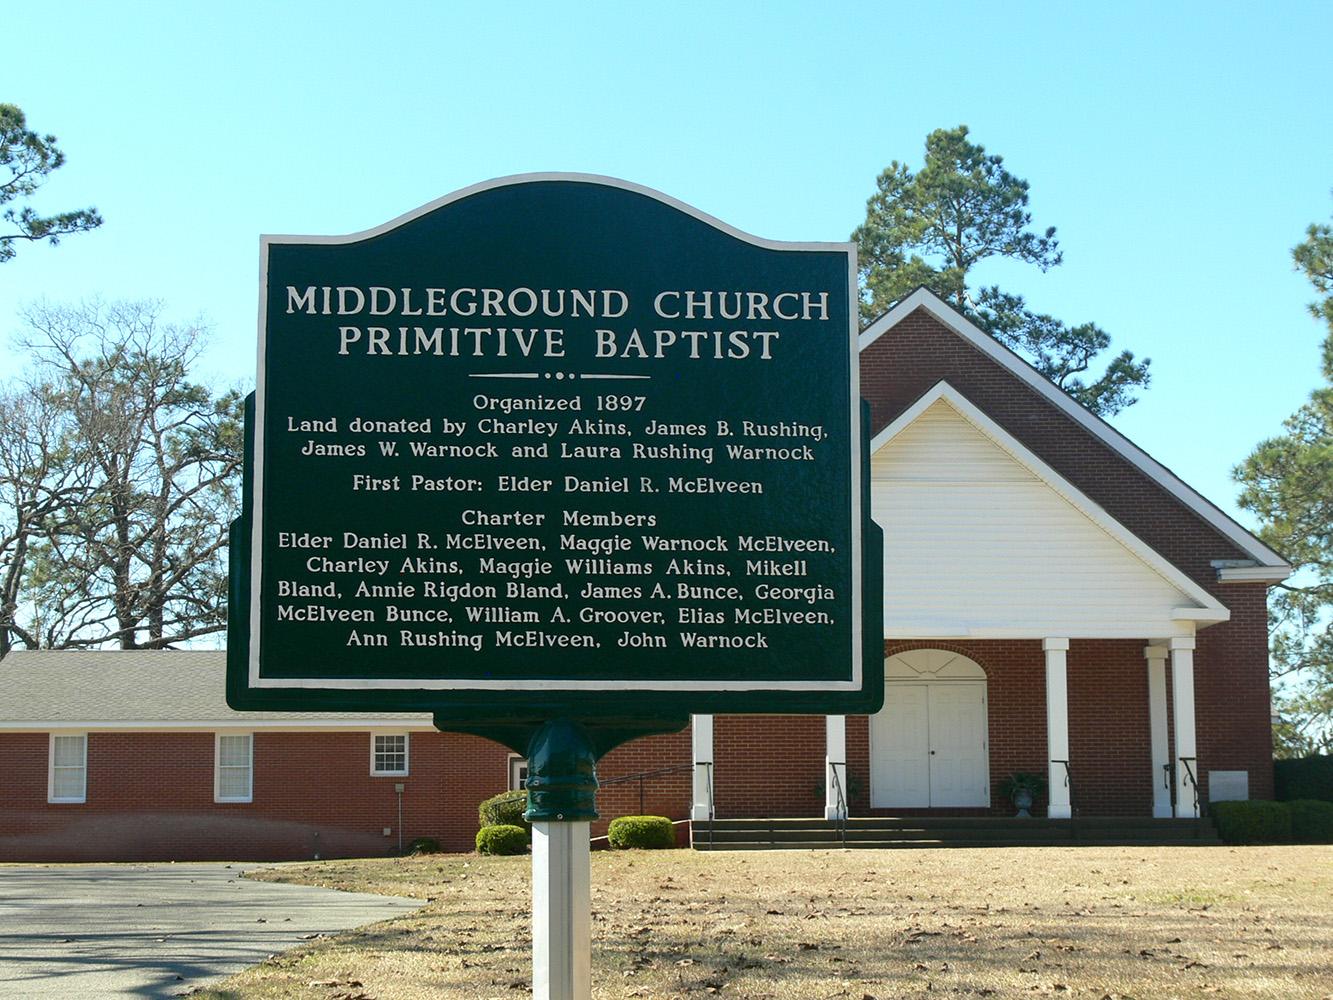 Middleground Church